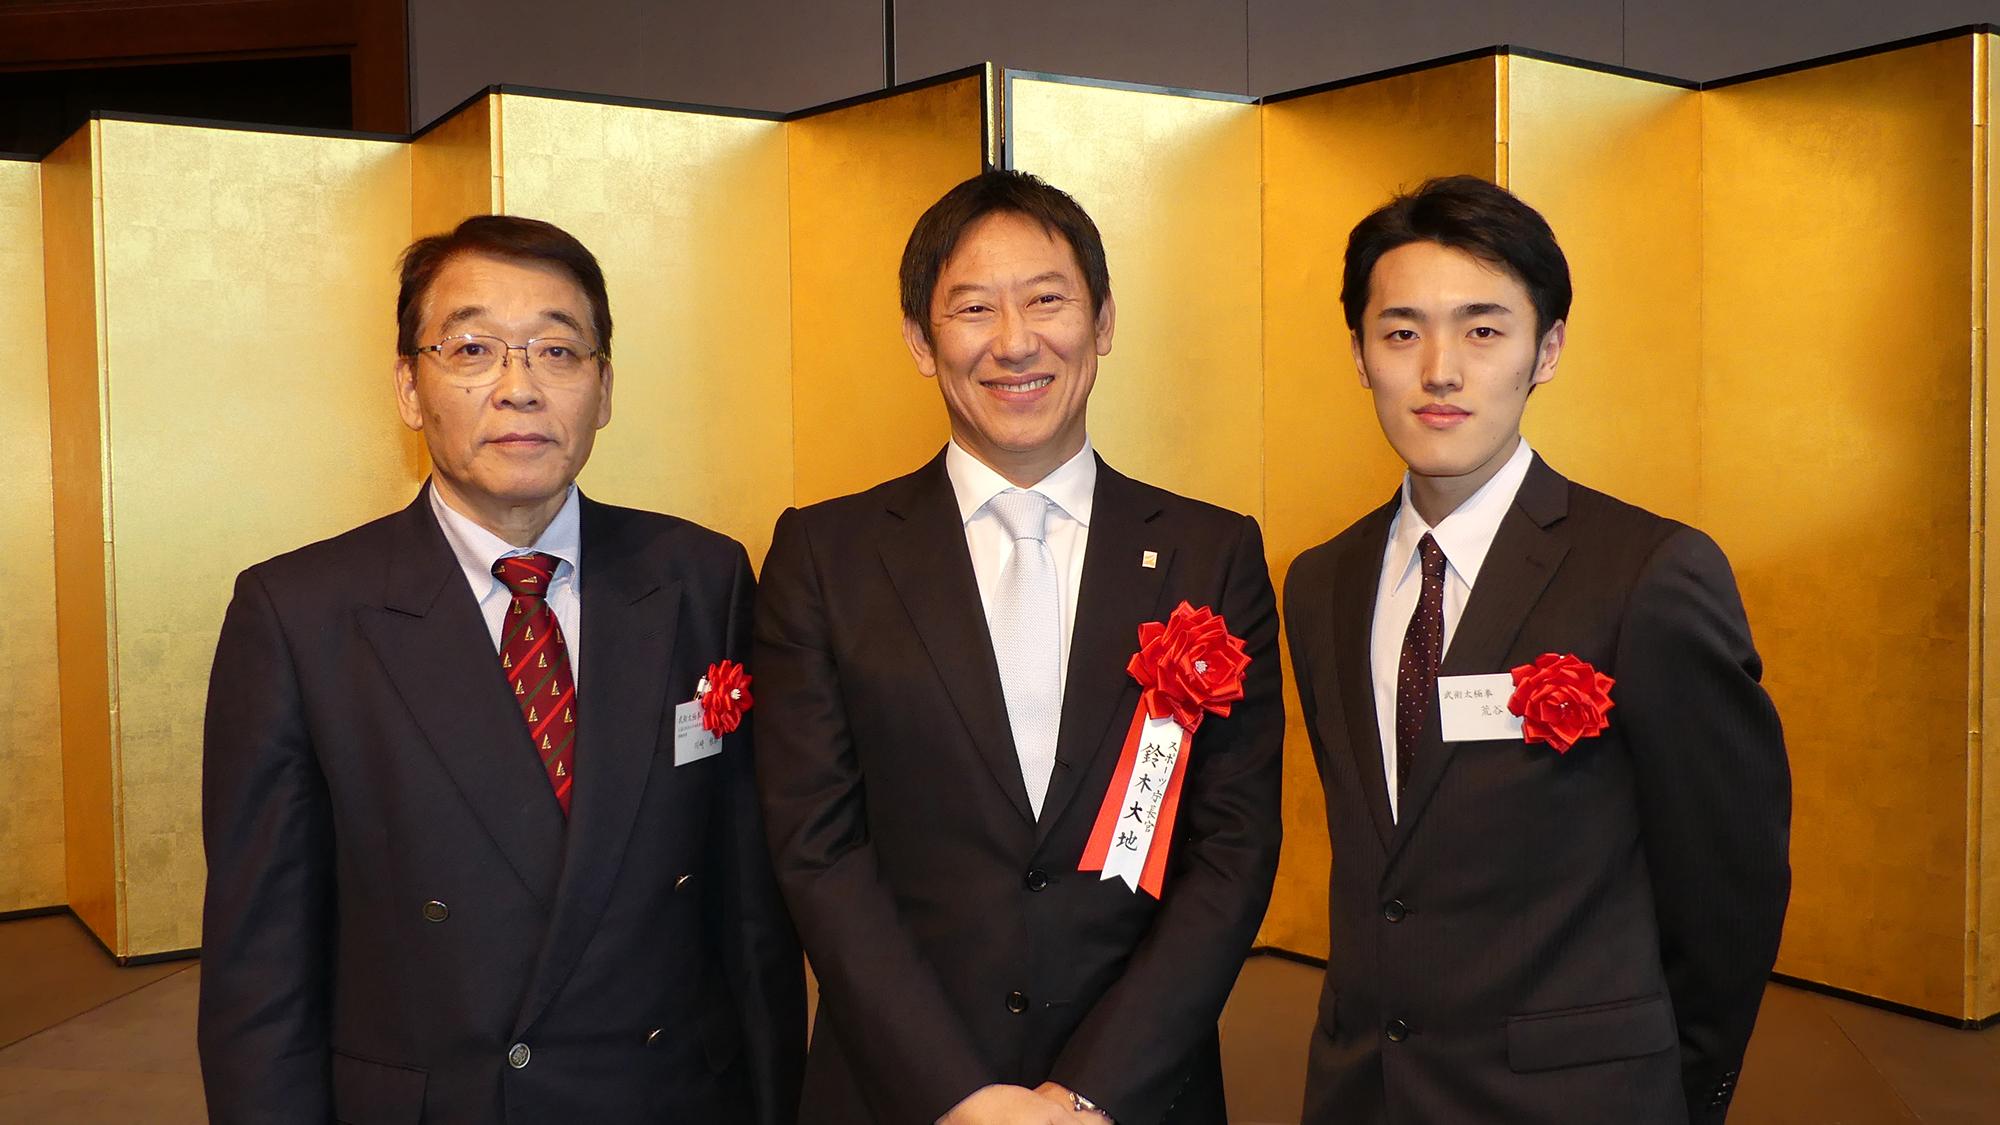 日本スポーツ賞 荒谷選手